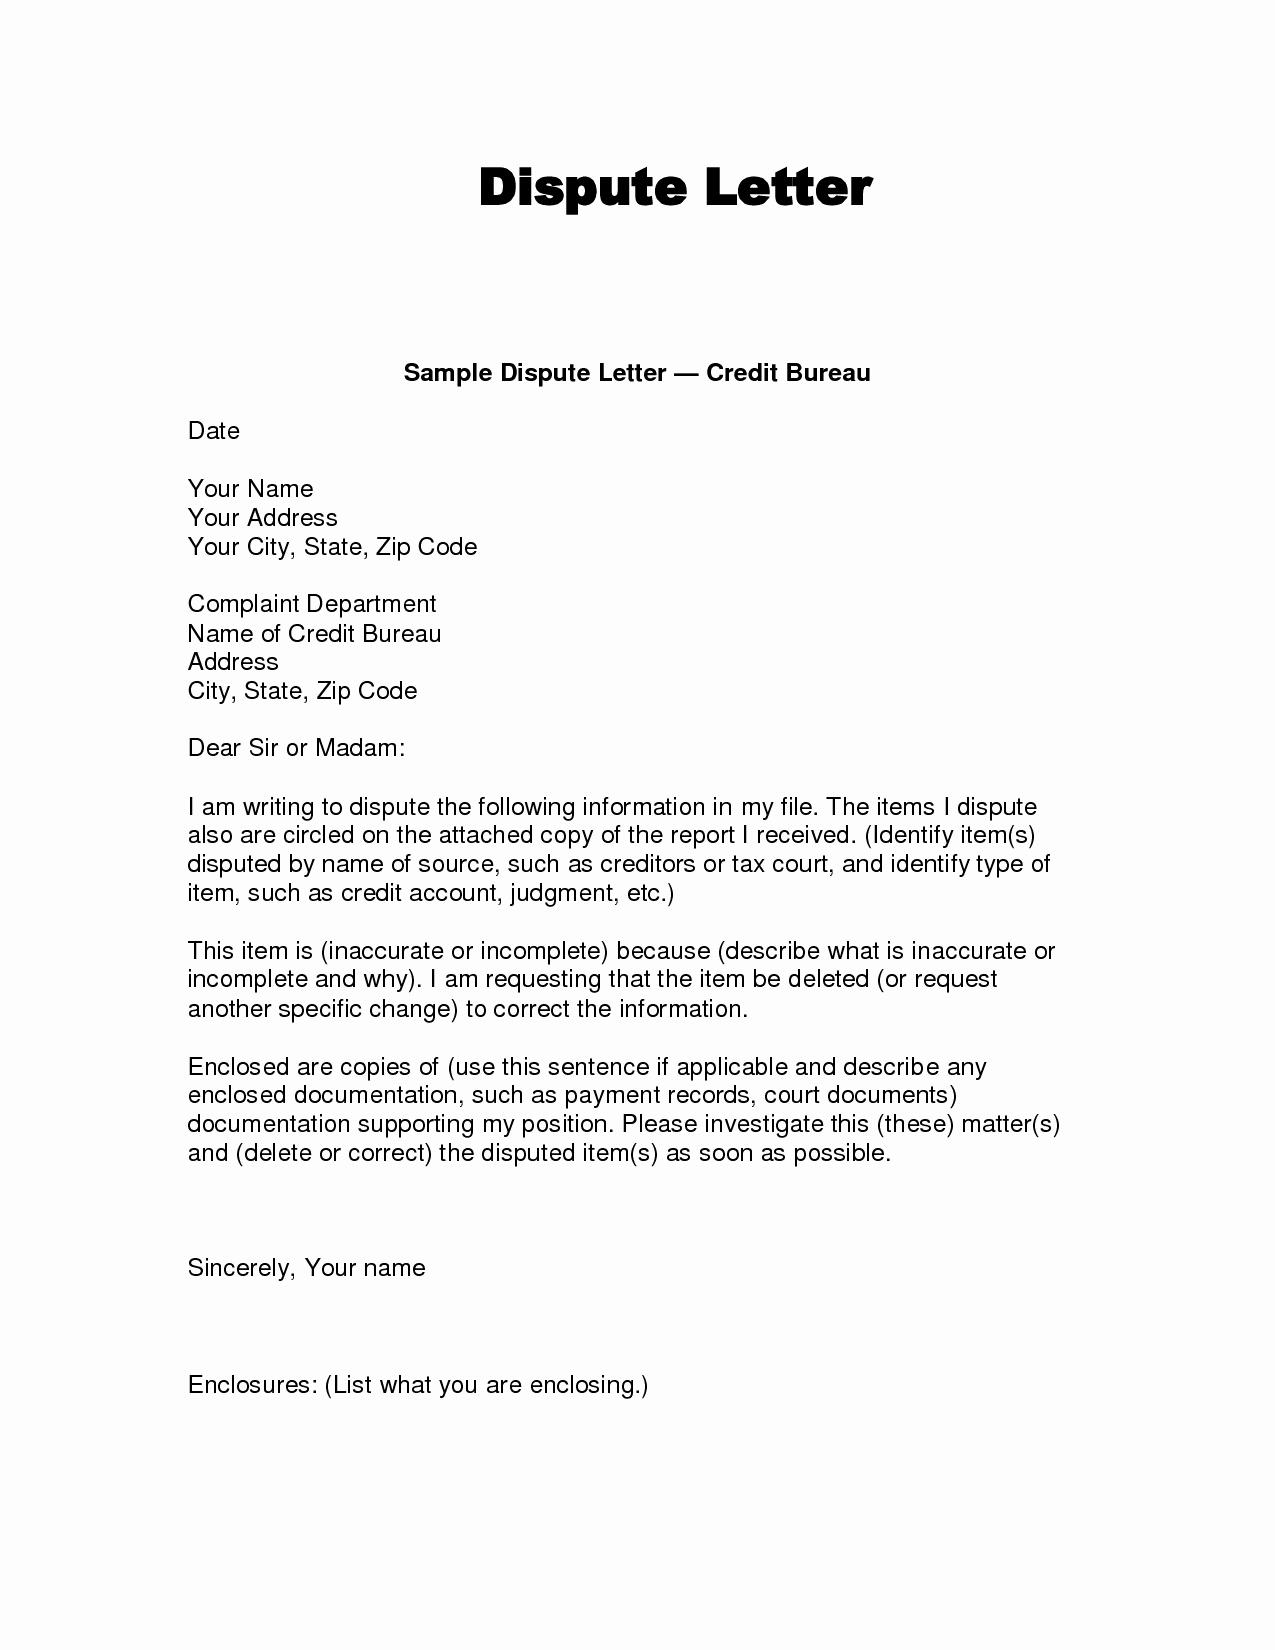 Sample Credit Repair Letter Elegant Dispute Letter to Credit Bureau Template